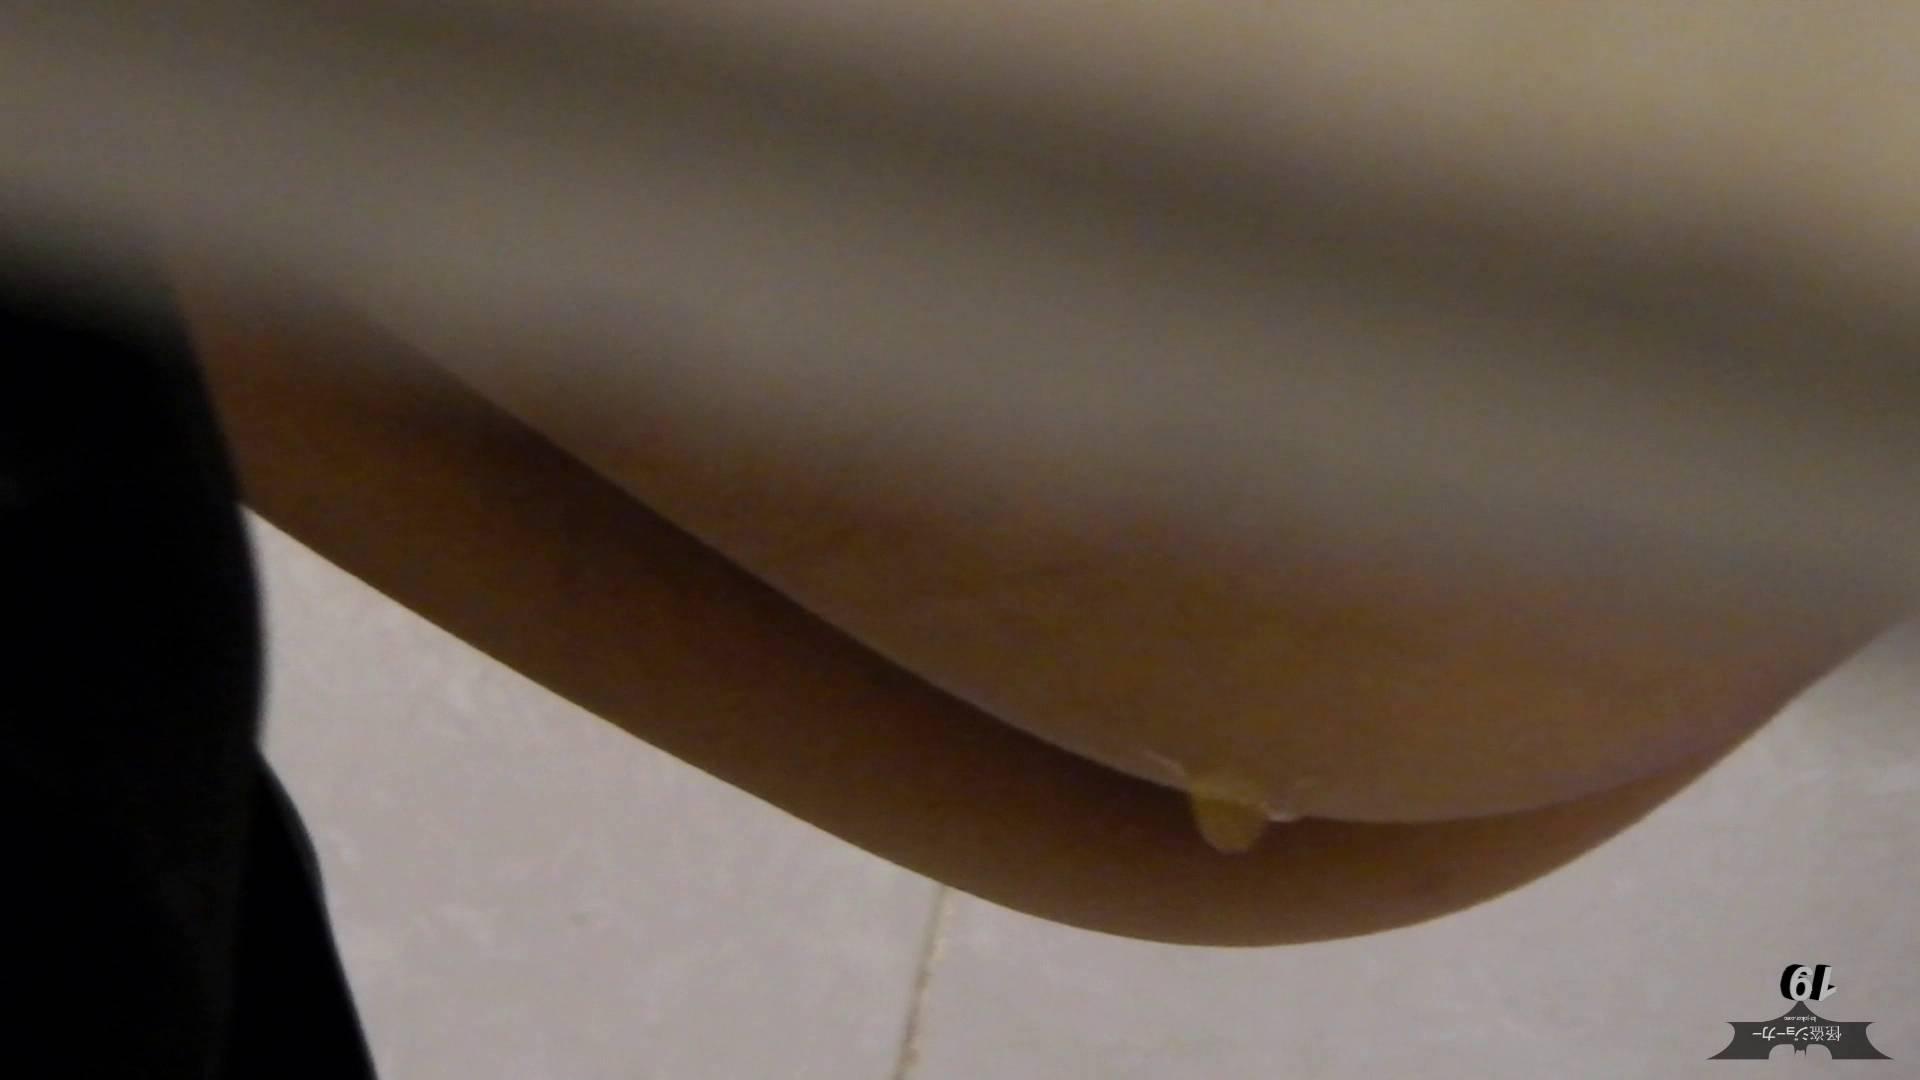 阿国ちゃんの「和式洋式七変化」 (NEW)19 「雫」はしっかりと切るんです! 洗面所シーン   盛合せ  86画像 1